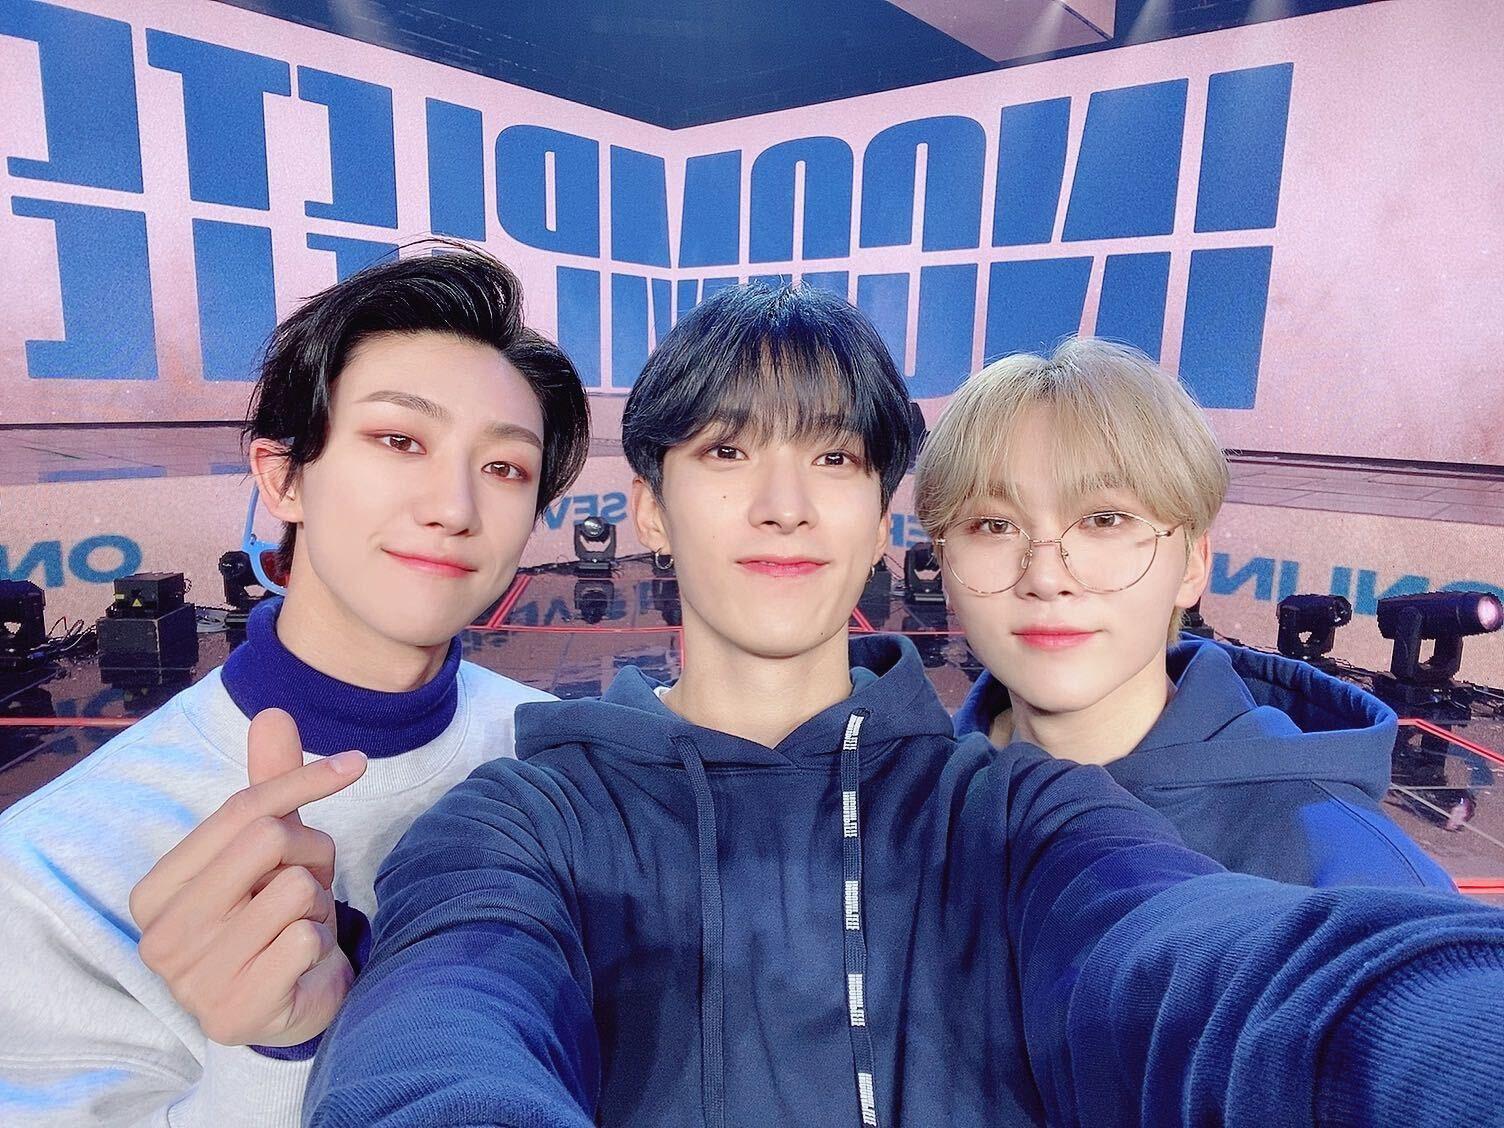 seventeen the8 minghao dk seungkwan @pledis_17